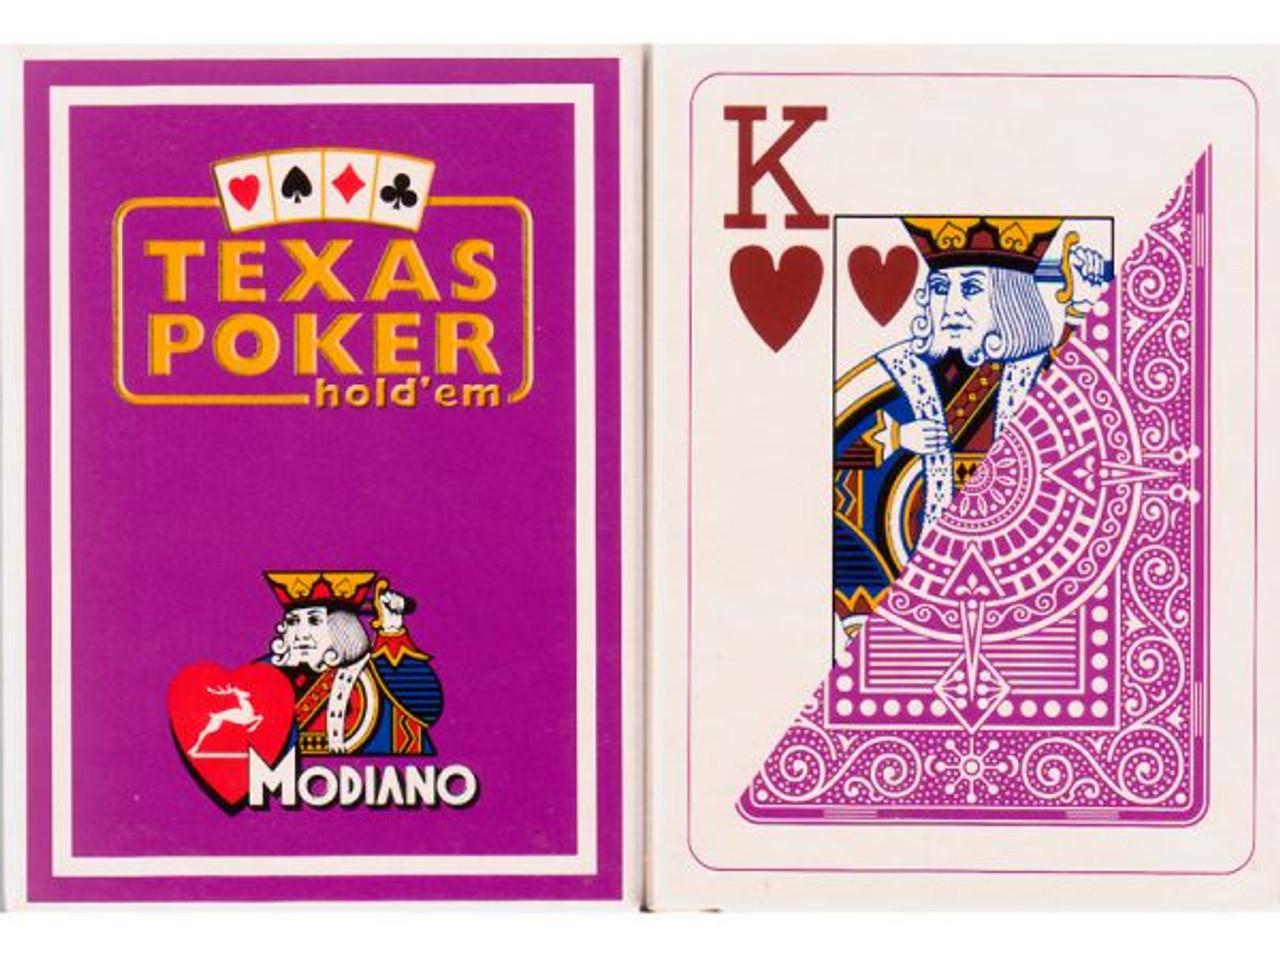 Carti de Texas Holdem 100% plastic, cu index mare mov